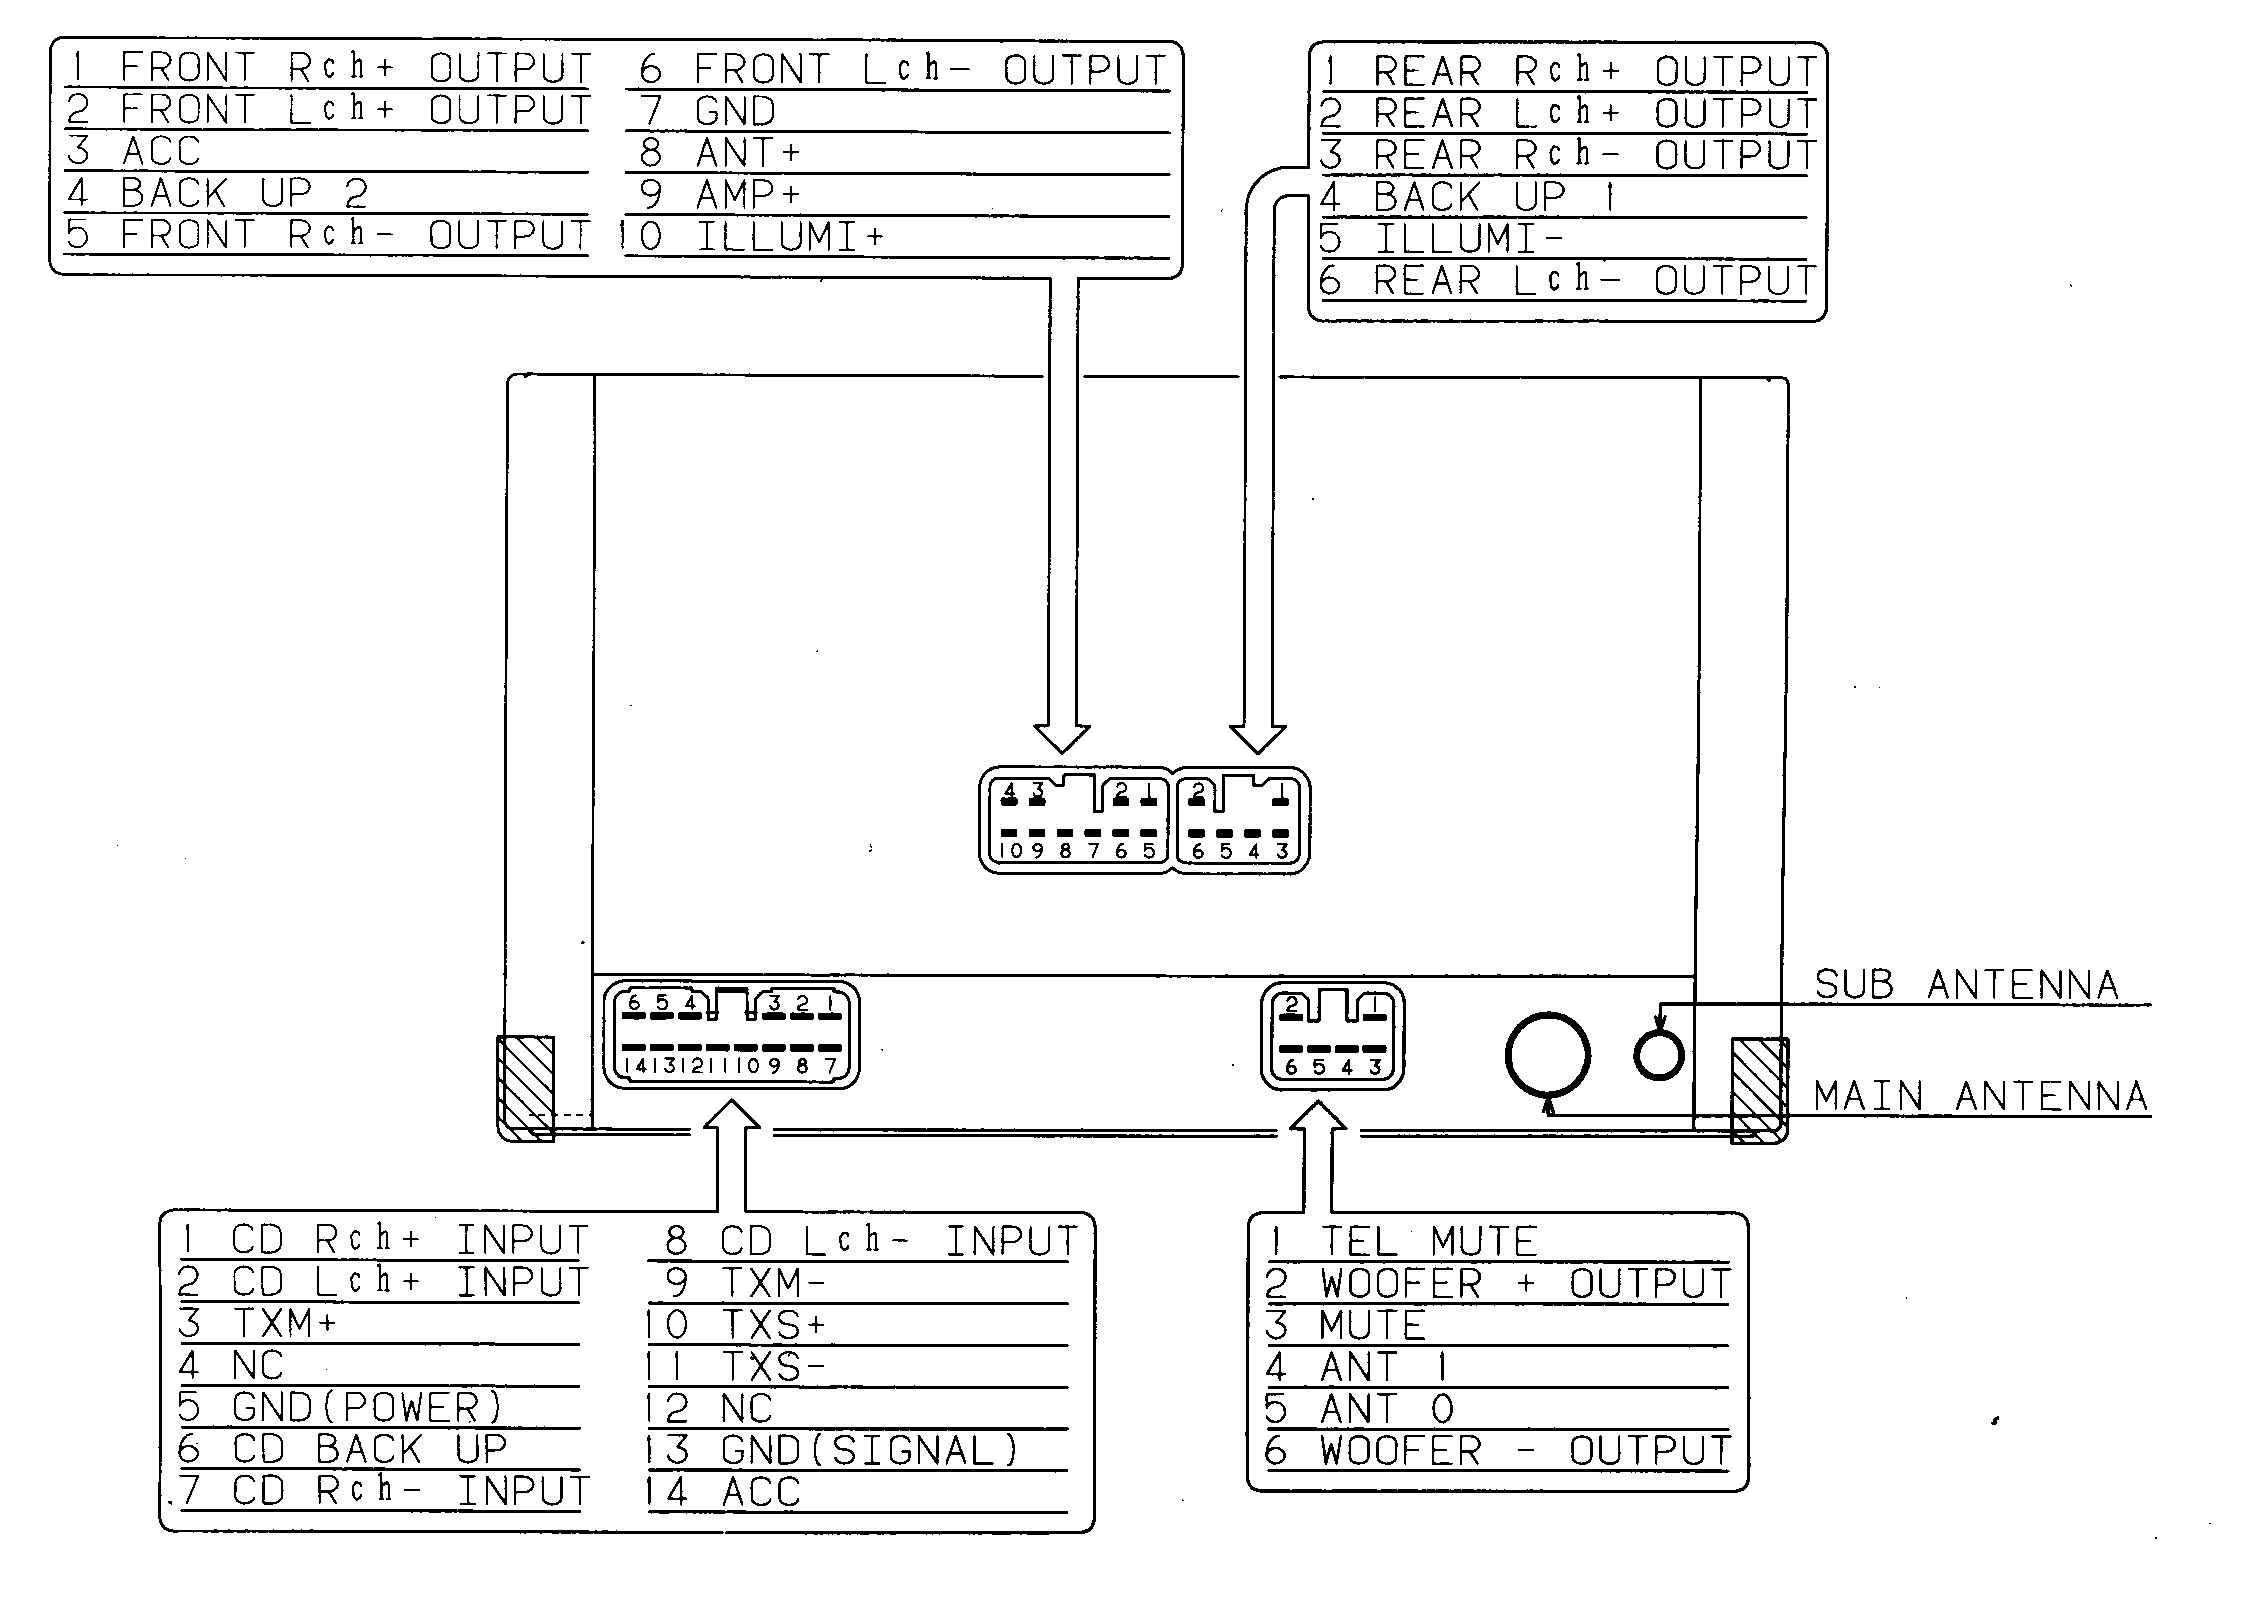 LEXUS Car Radio Stereo Audio Wiring Diagram Autoradio connector wire installation schematic schema esquema de conexiones stecker konektor connecteur cable